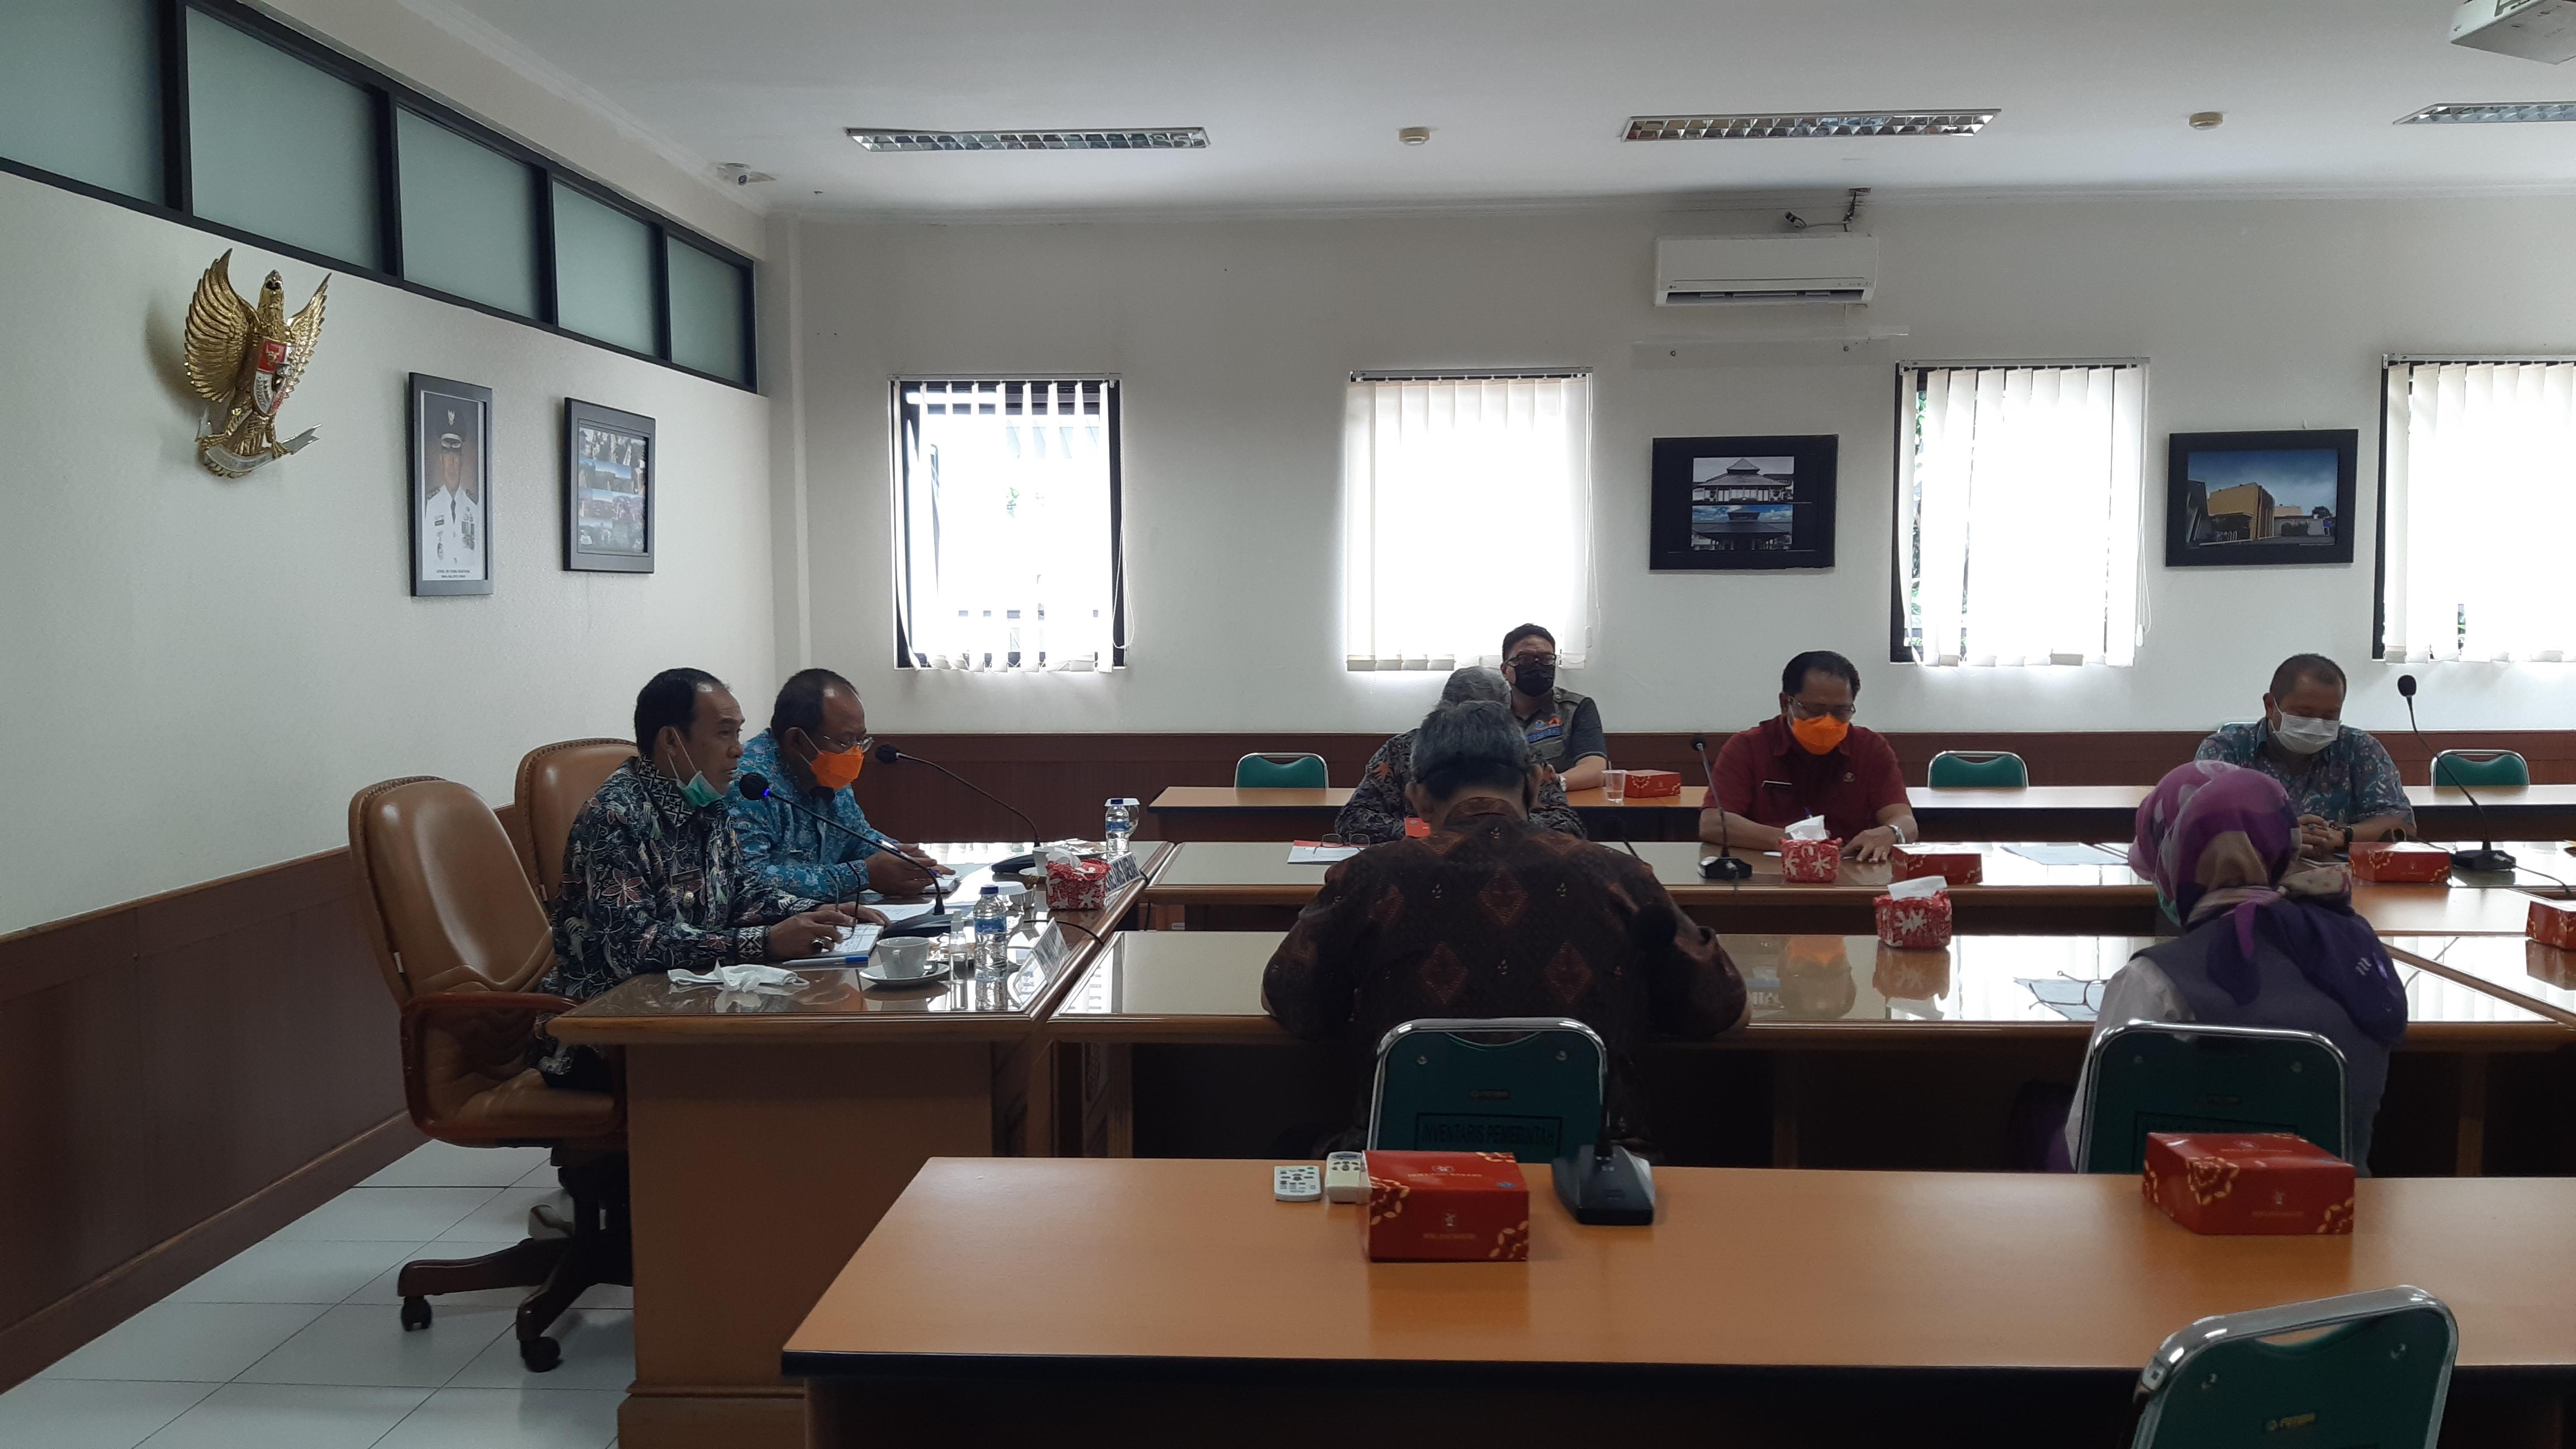 Plt. Walikota Cimahi Nilai PPKM Cukup Efektif Menekan Penyebaran Covid-19 Kota Cimahi